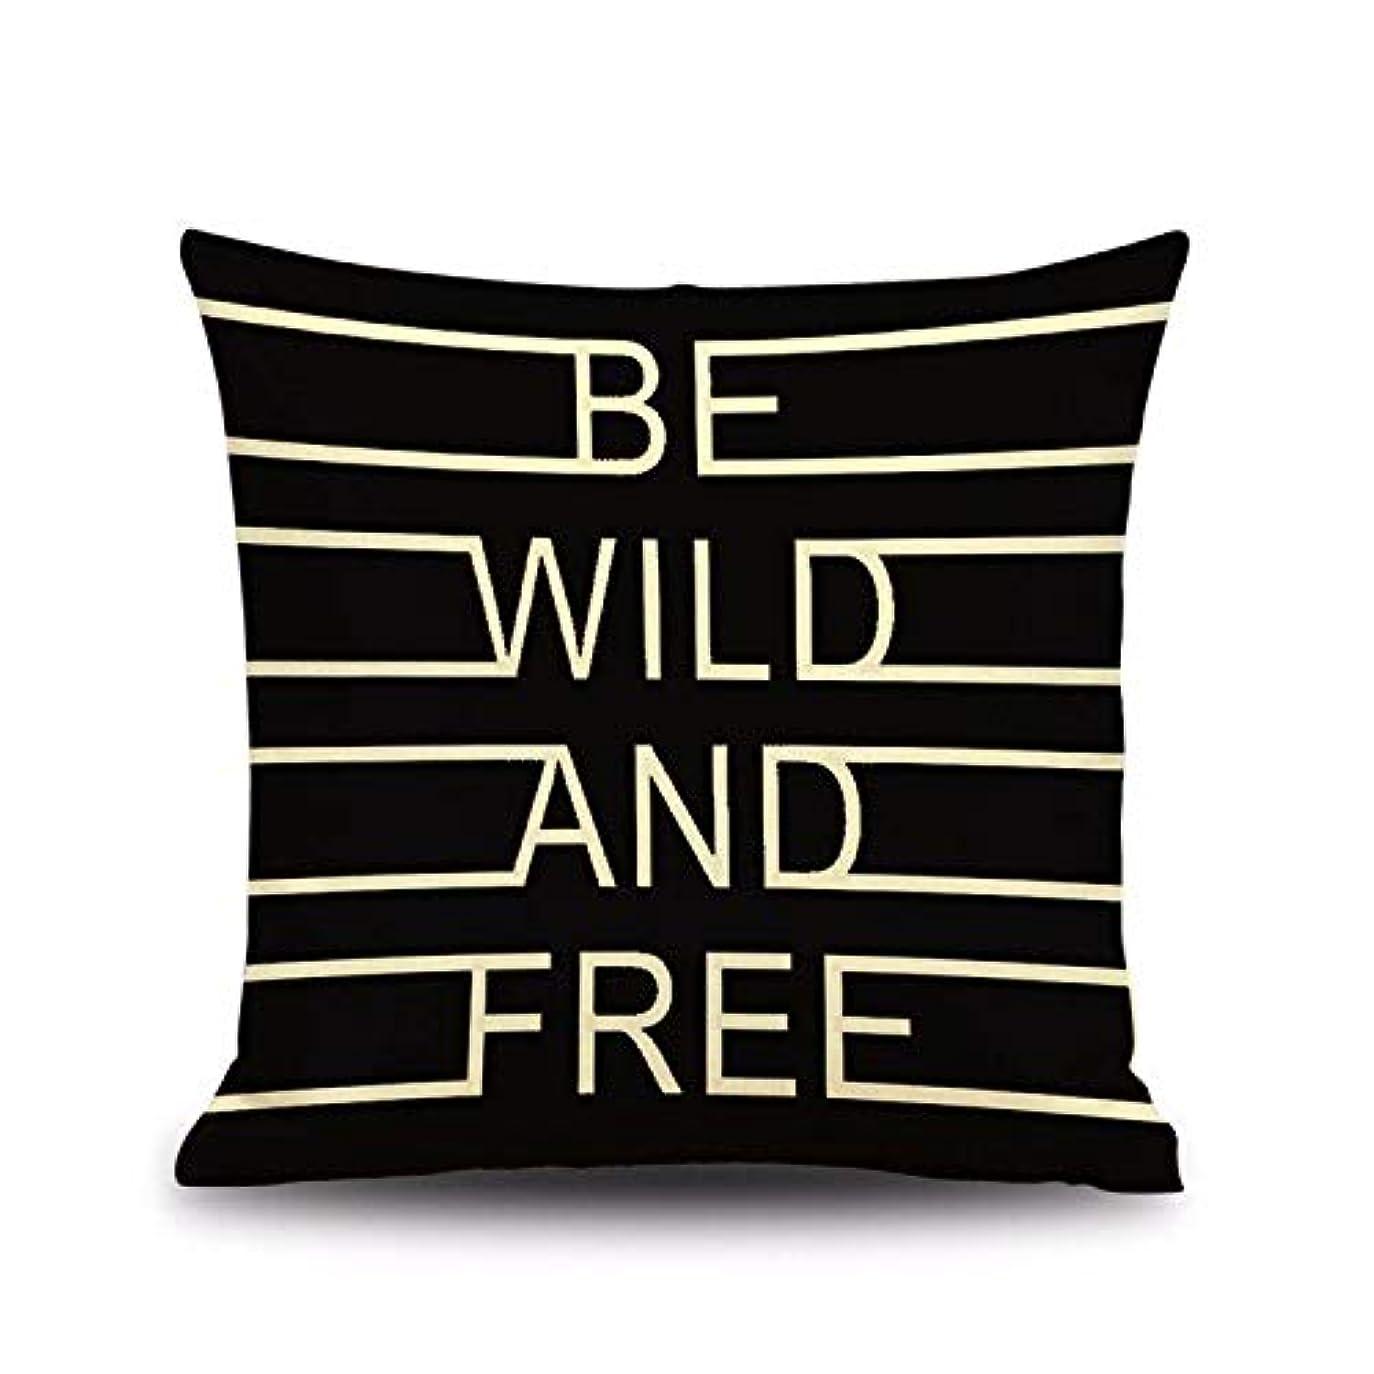 実際の不振予算LIFE 送料無料リネンクッション、枕 (含まないフィリング) 40 × 40 センチメートル、 45 × 45 センチメートル、 50 × 50 センチメートル、 60 × 60 センチメートル クッション 椅子